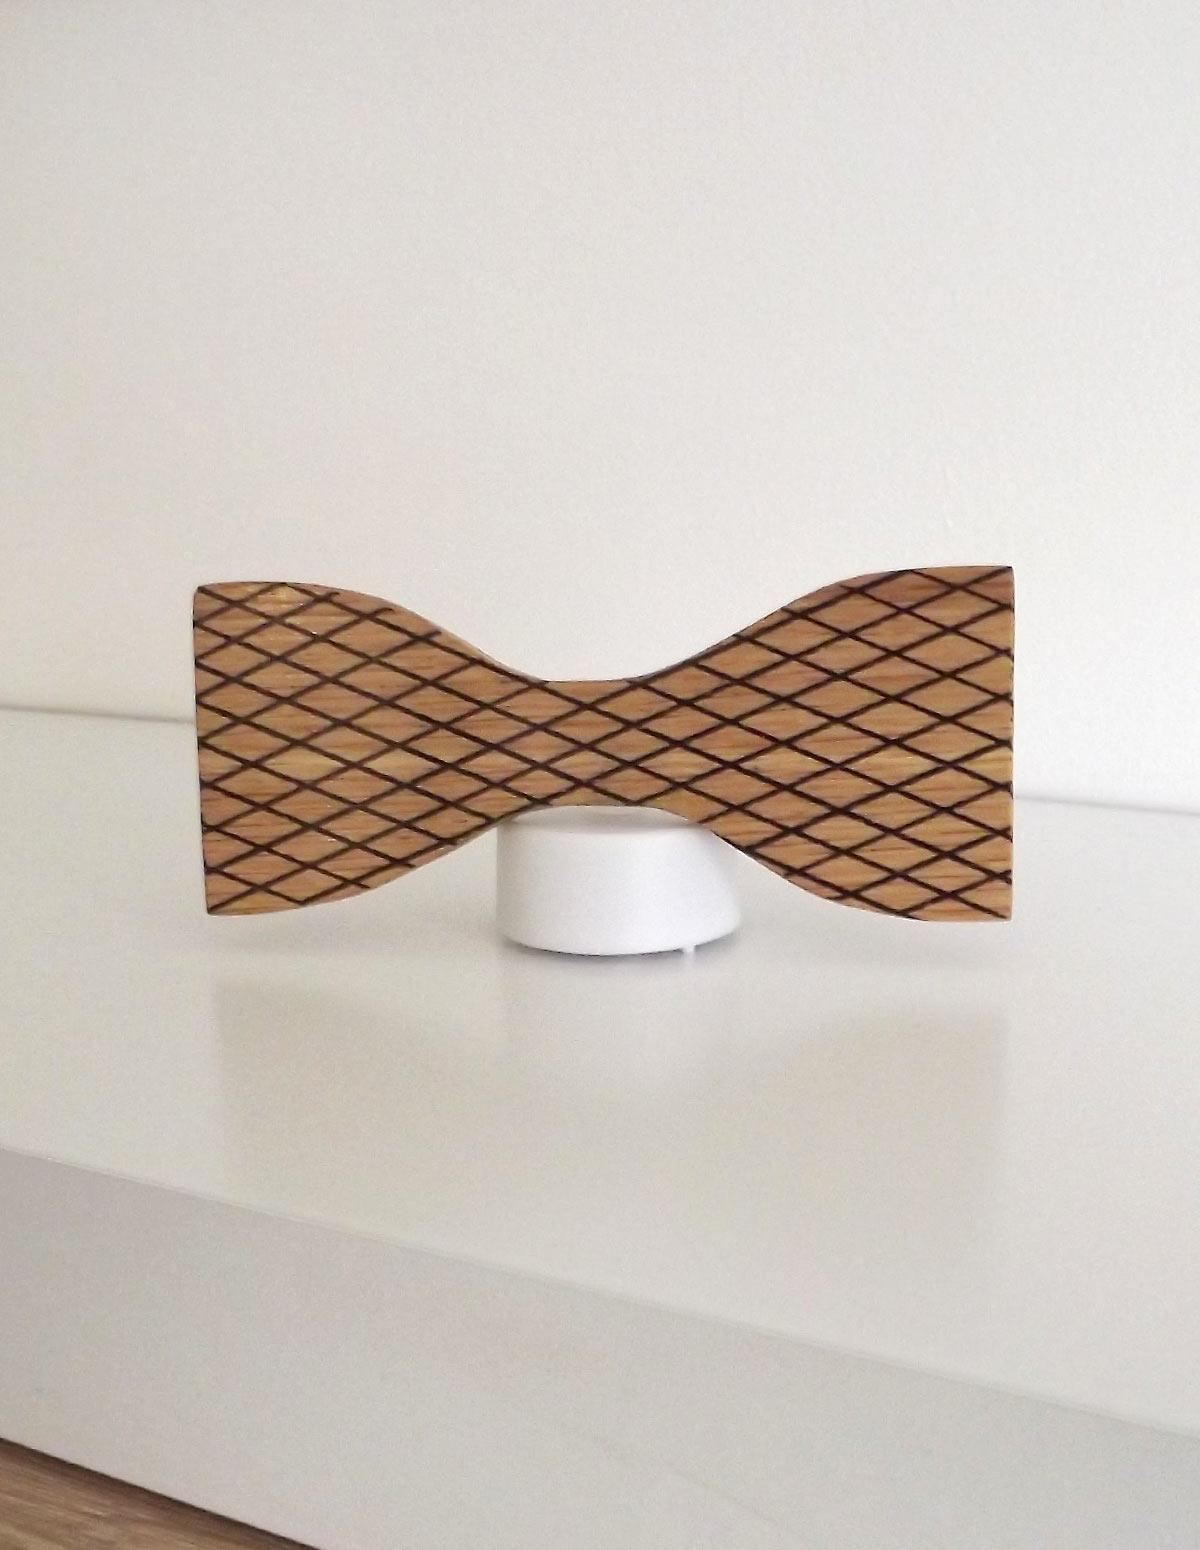 Forme de noeud papillon bois compatible avec les rubans de toutes les couleurs : bordeaux, bleu canard, noir, fantaisie